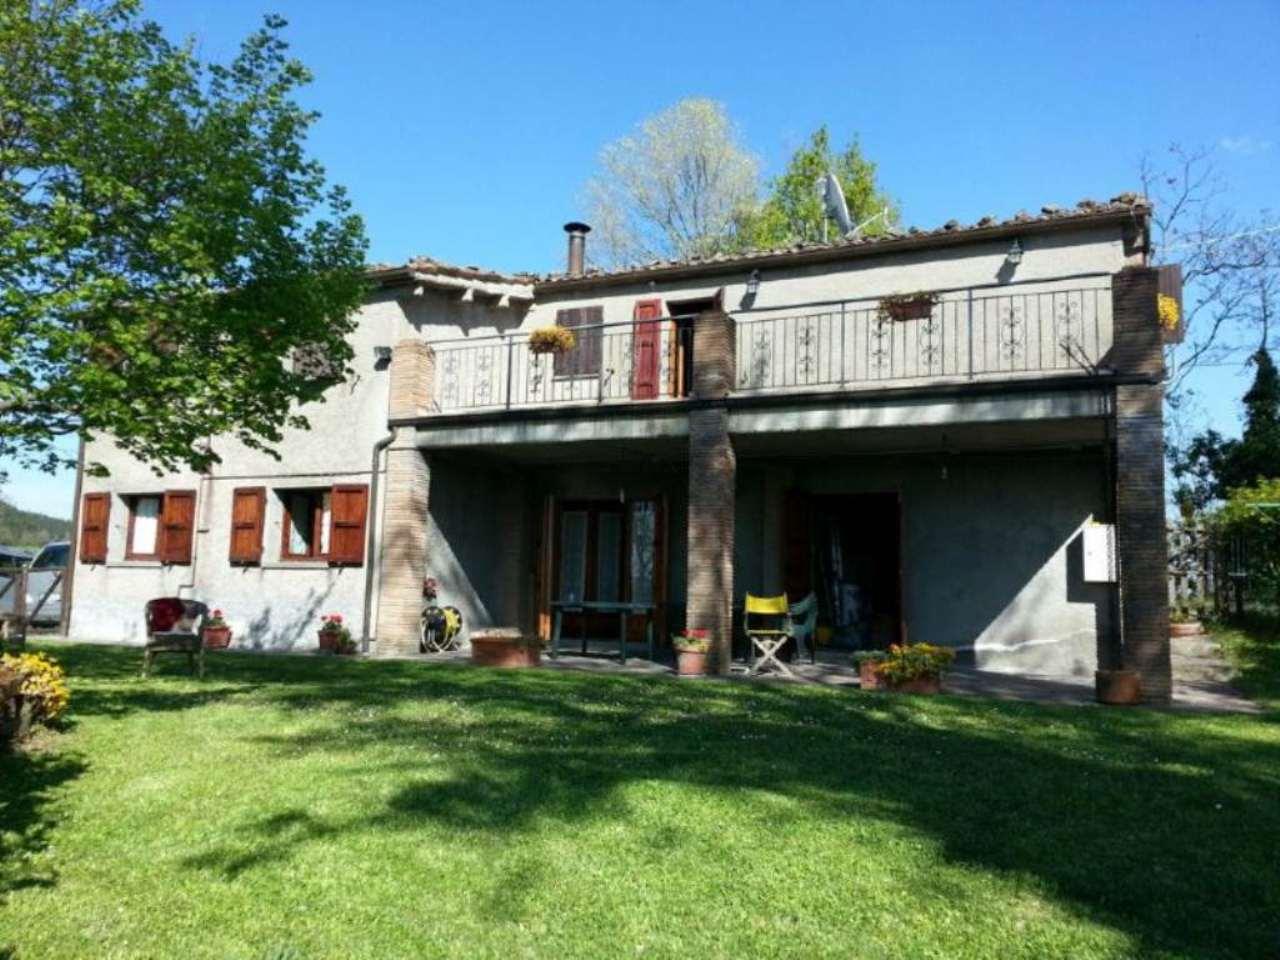 Rustico / Casale in vendita a Mercato Saraceno, 10 locali, prezzo € 210.000 | Cambio Casa.it